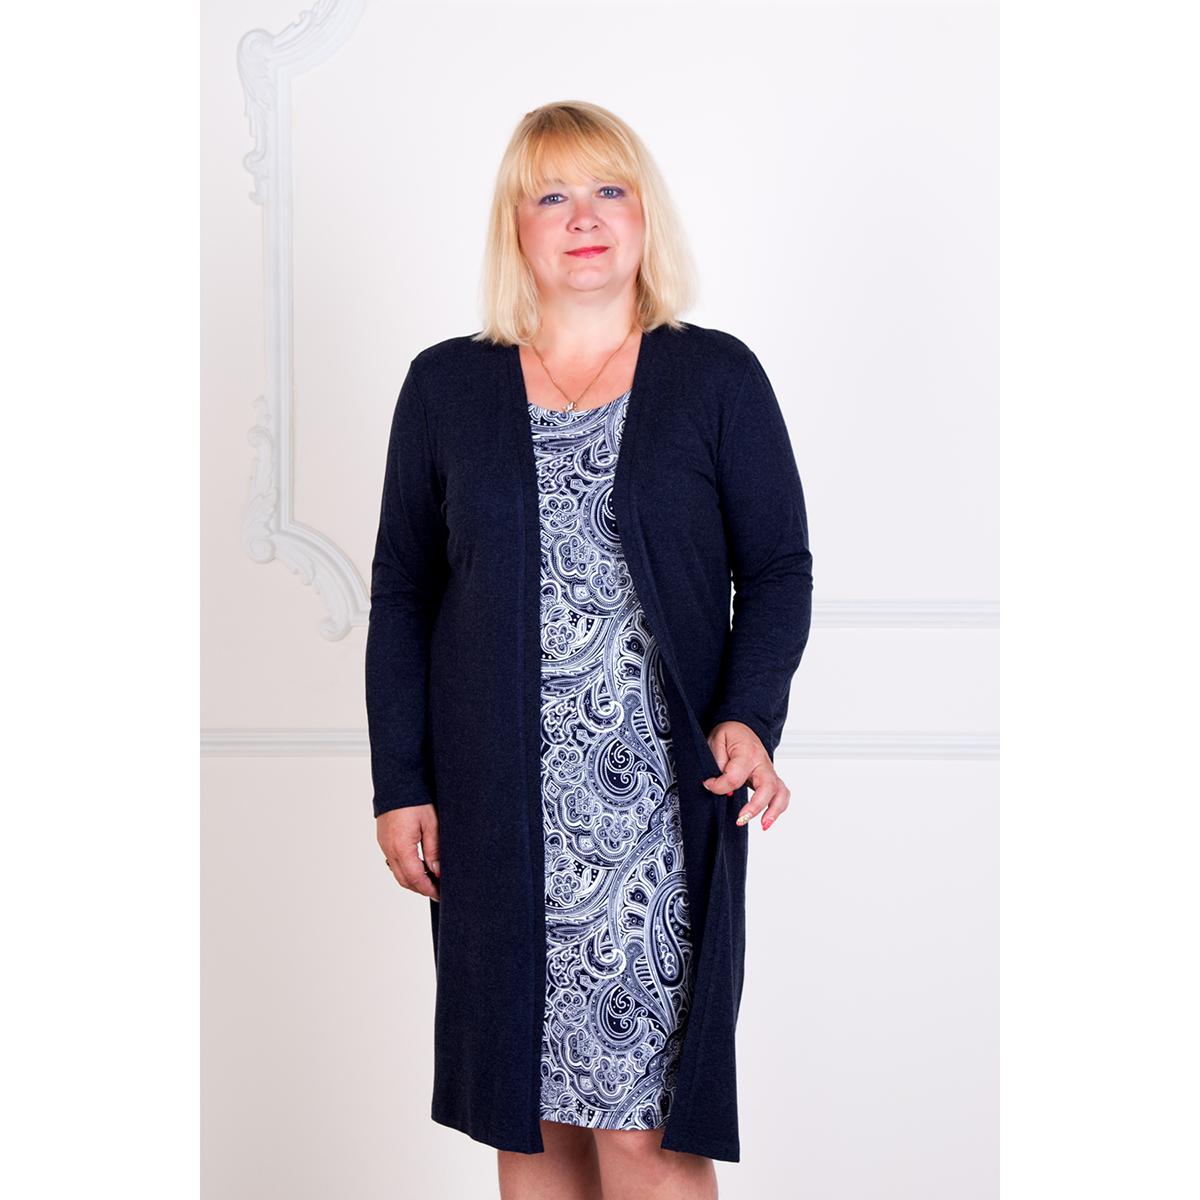 Женское платье Креатив арт. 0151, размер 46Платья<br>Обхват груди: 92 см <br>Обхват талии: 74 см <br>Обхват бедер: 100 см <br>Длина по спинке: 94 см <br>Рост: 167 см<br><br>Тип: Жен. платье<br>Размер: 46<br>Материал: Хамур